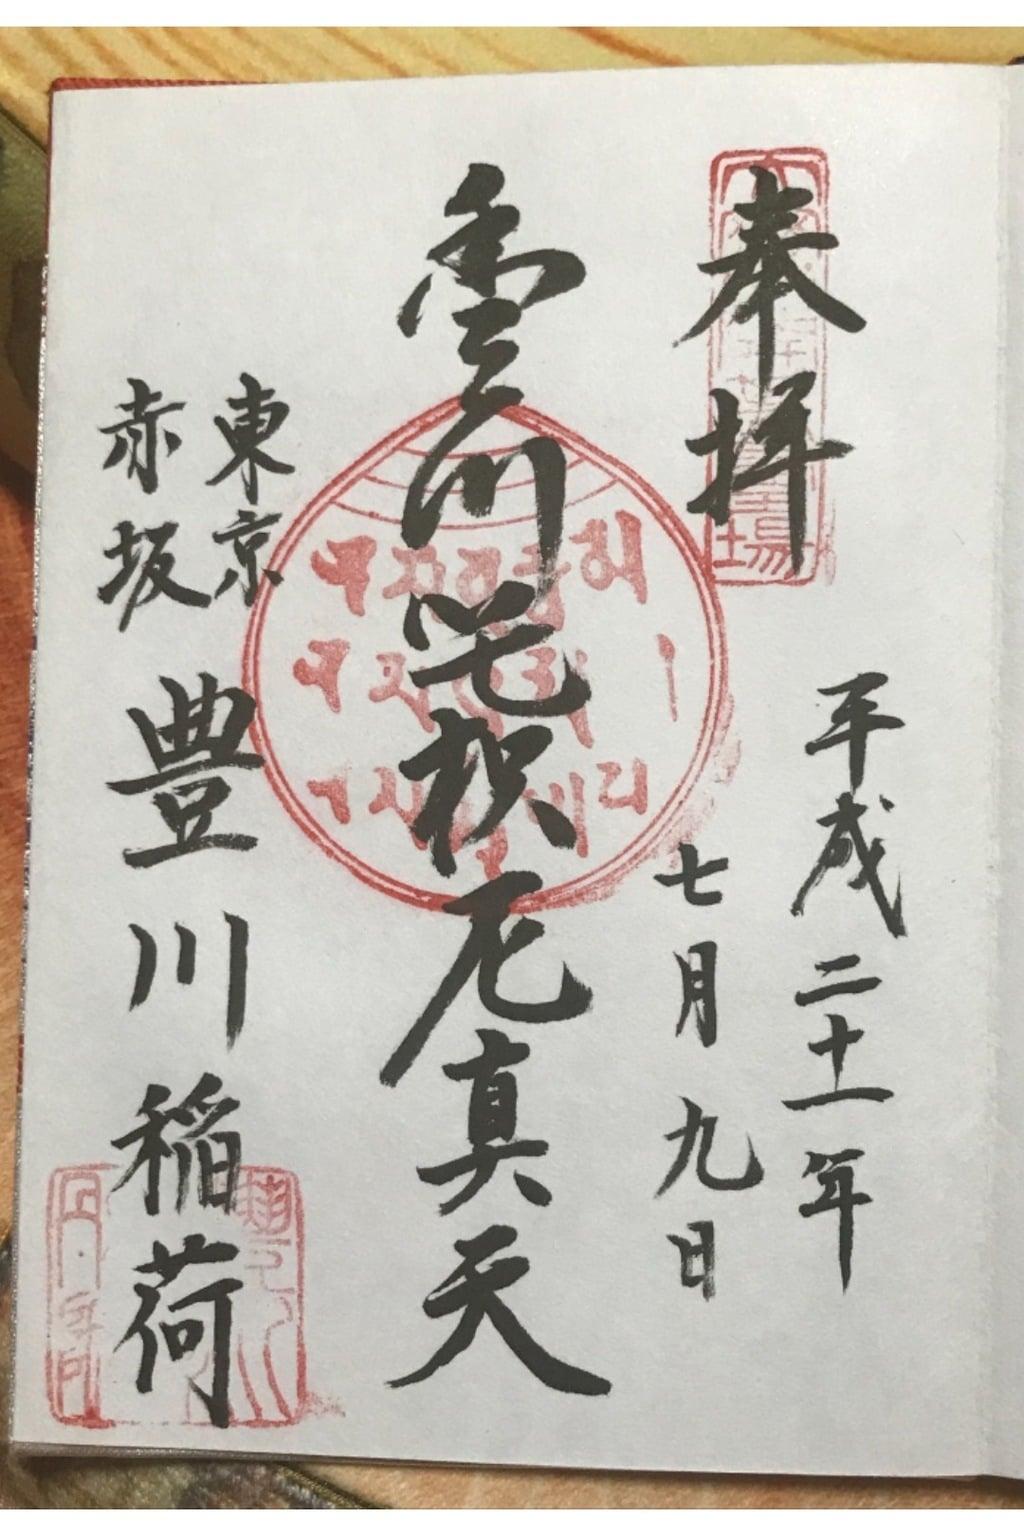 豊川稲荷東京別院の御朱印